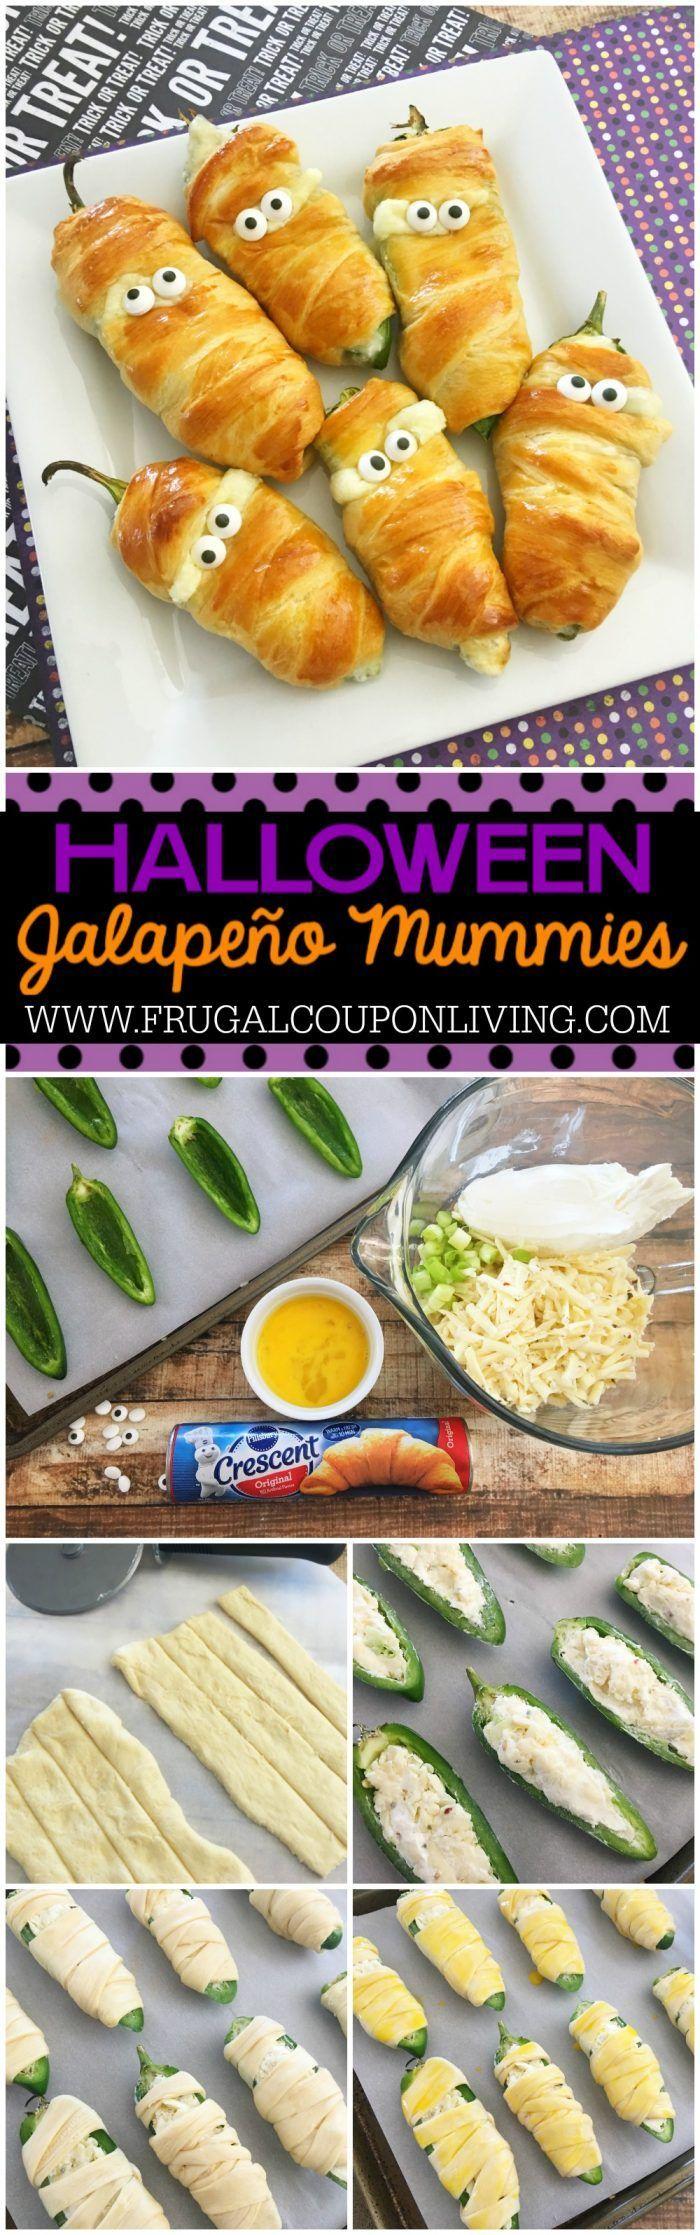 halloween jalapeño mummies | recipe | holiday: halloween | pinterest